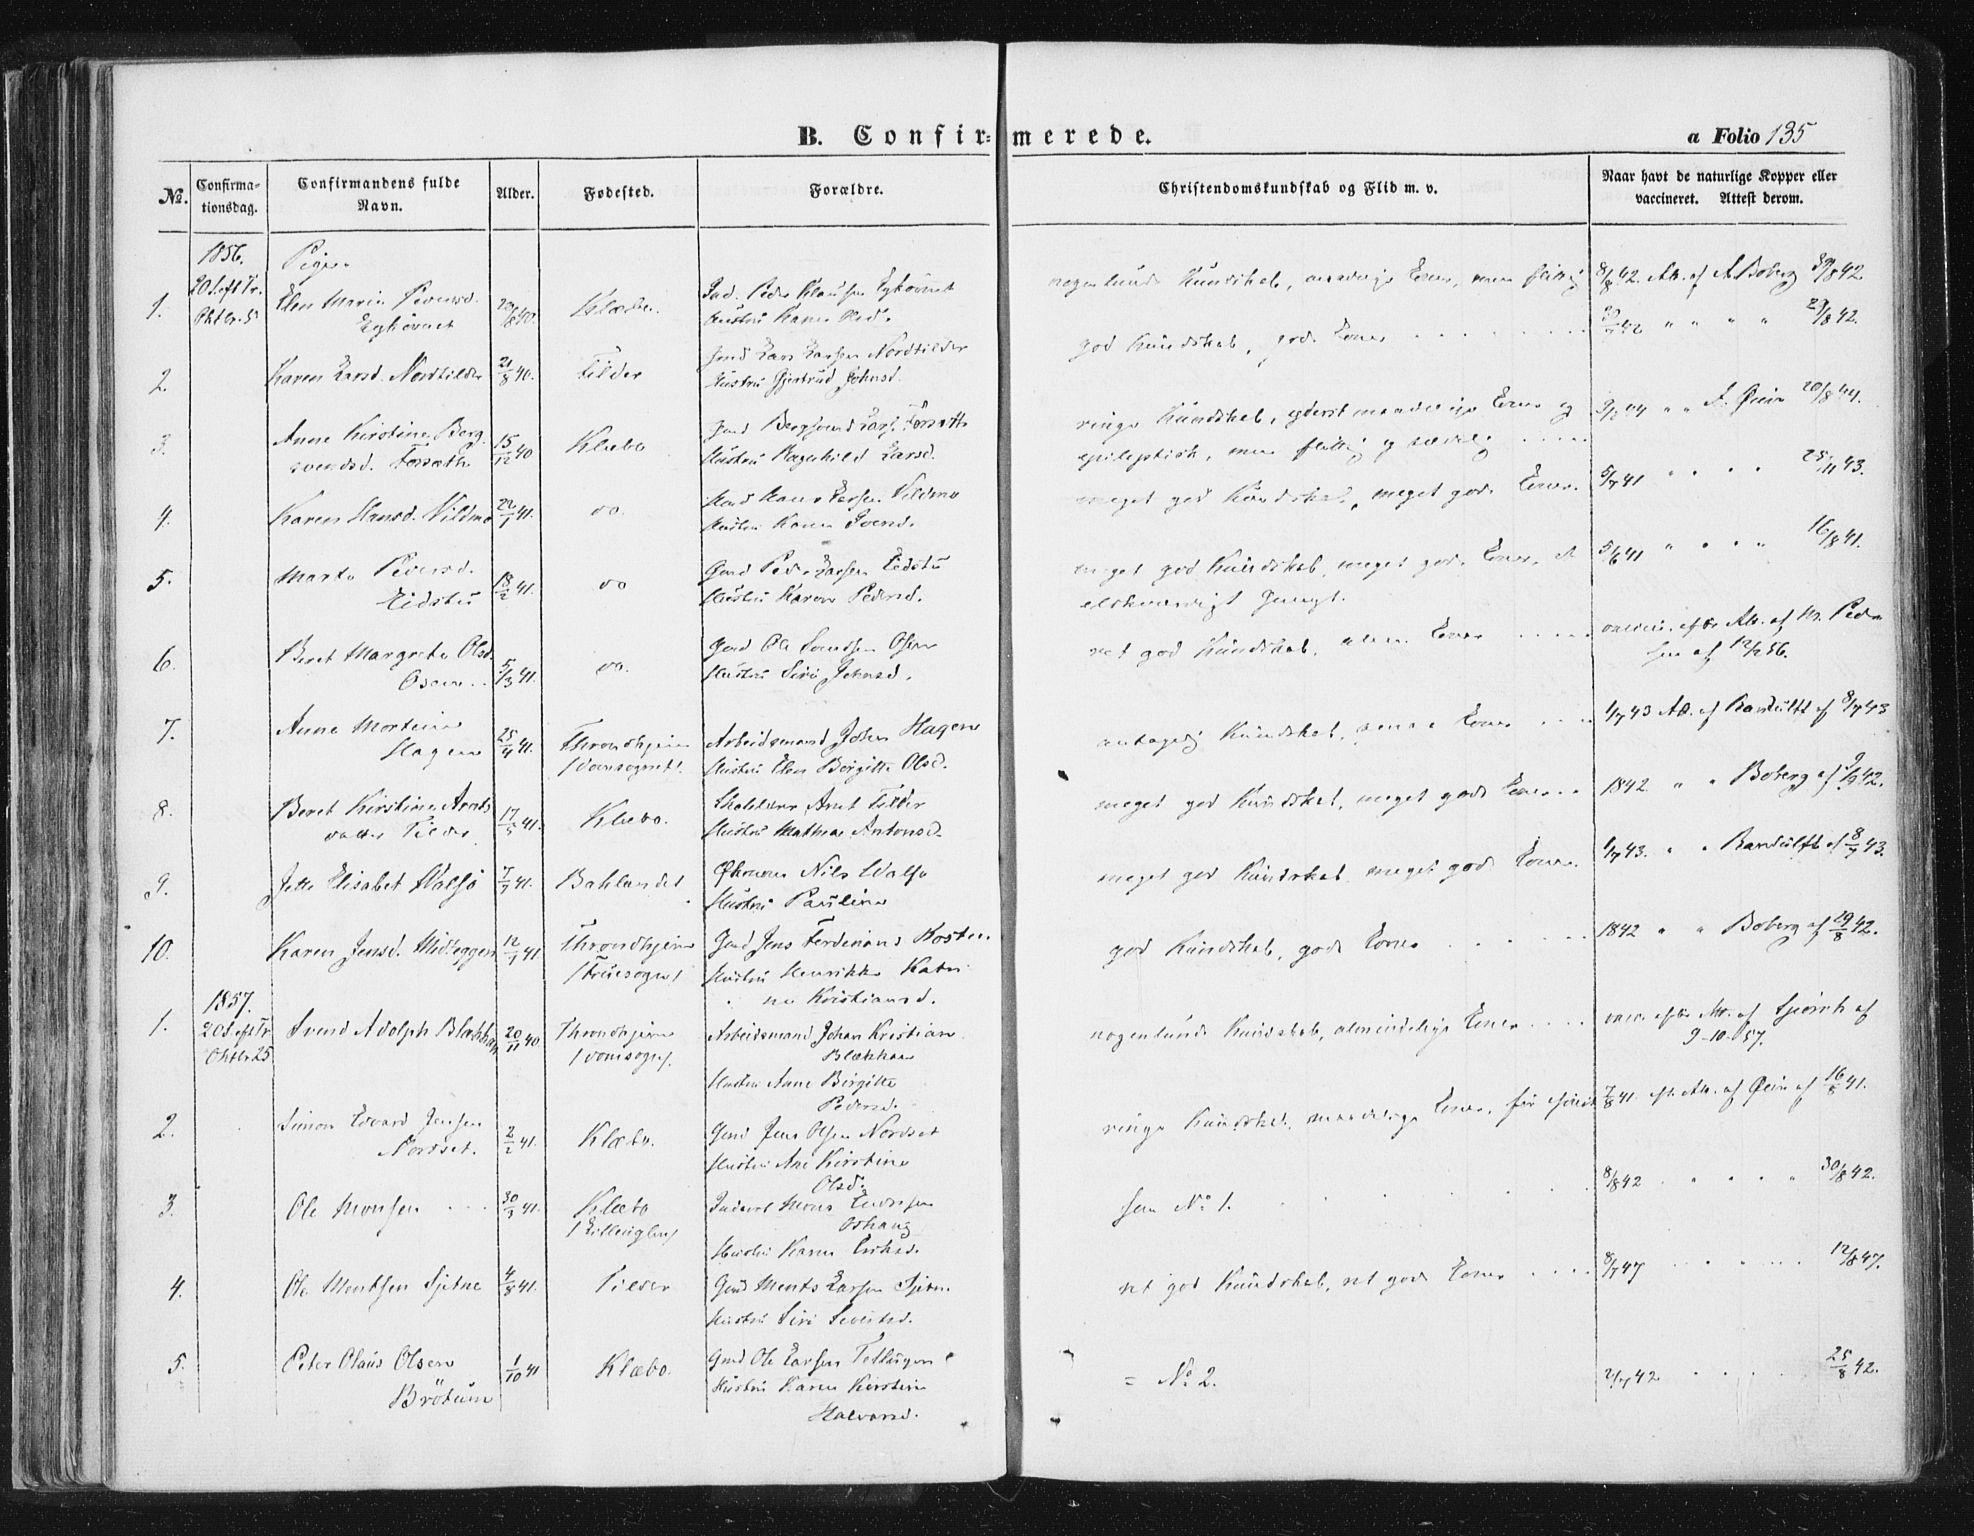 SAT, Ministerialprotokoller, klokkerbøker og fødselsregistre - Sør-Trøndelag, 618/L0441: Ministerialbok nr. 618A05, 1843-1862, s. 135